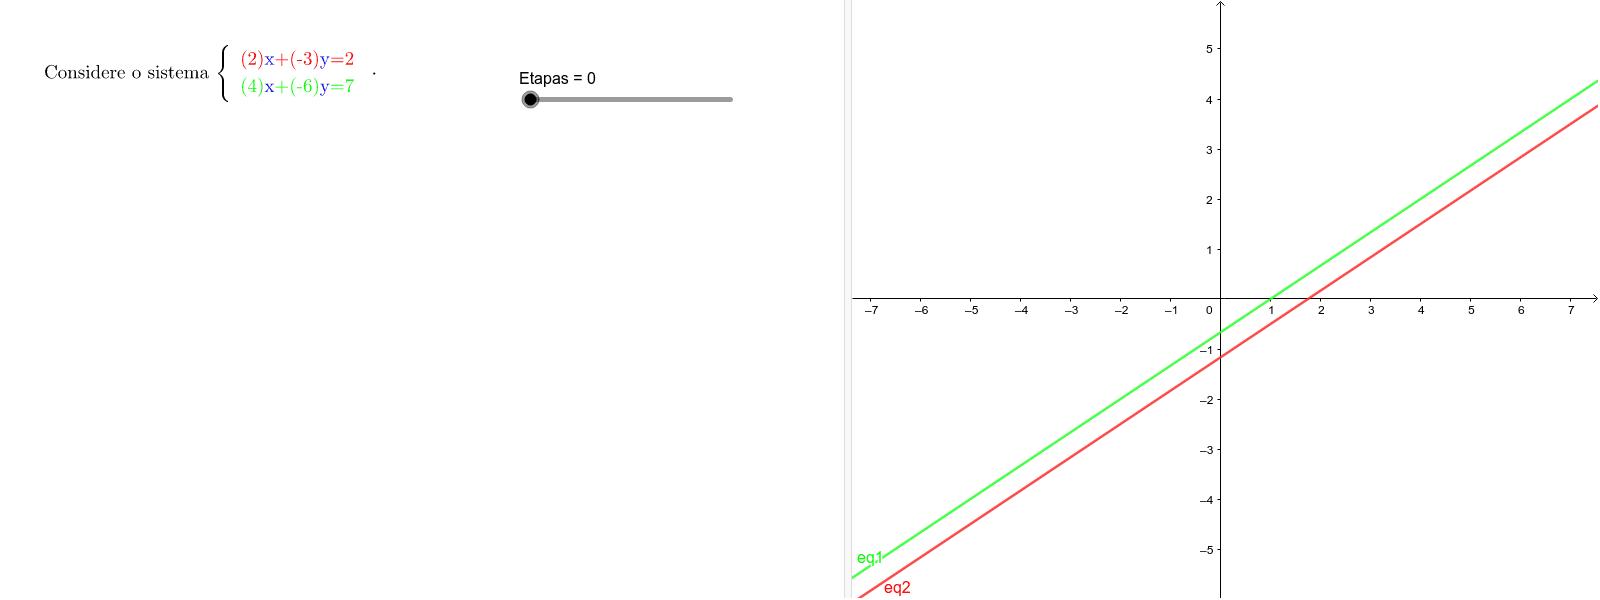 E se tentássemos resolver pelo método de Substituição? (movimente o seletor Etapas) Press Enter to start activity